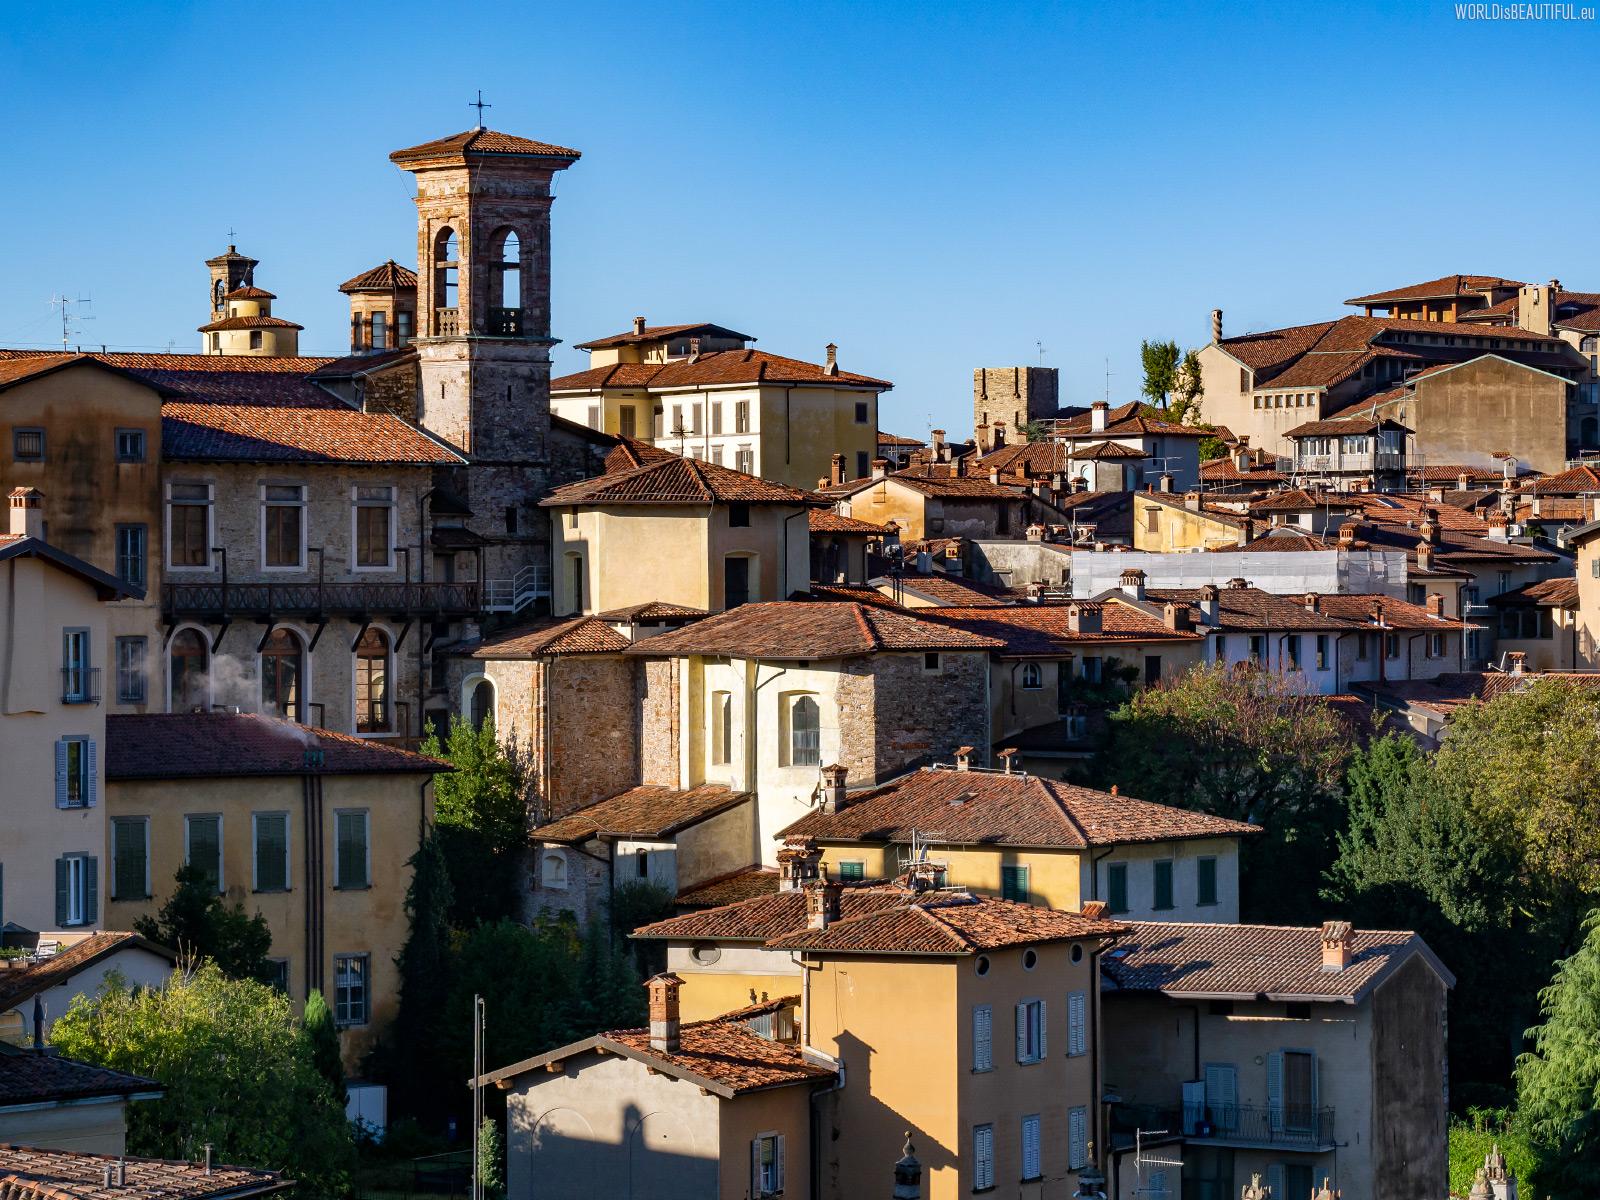 Zdjęcia z Bergamo